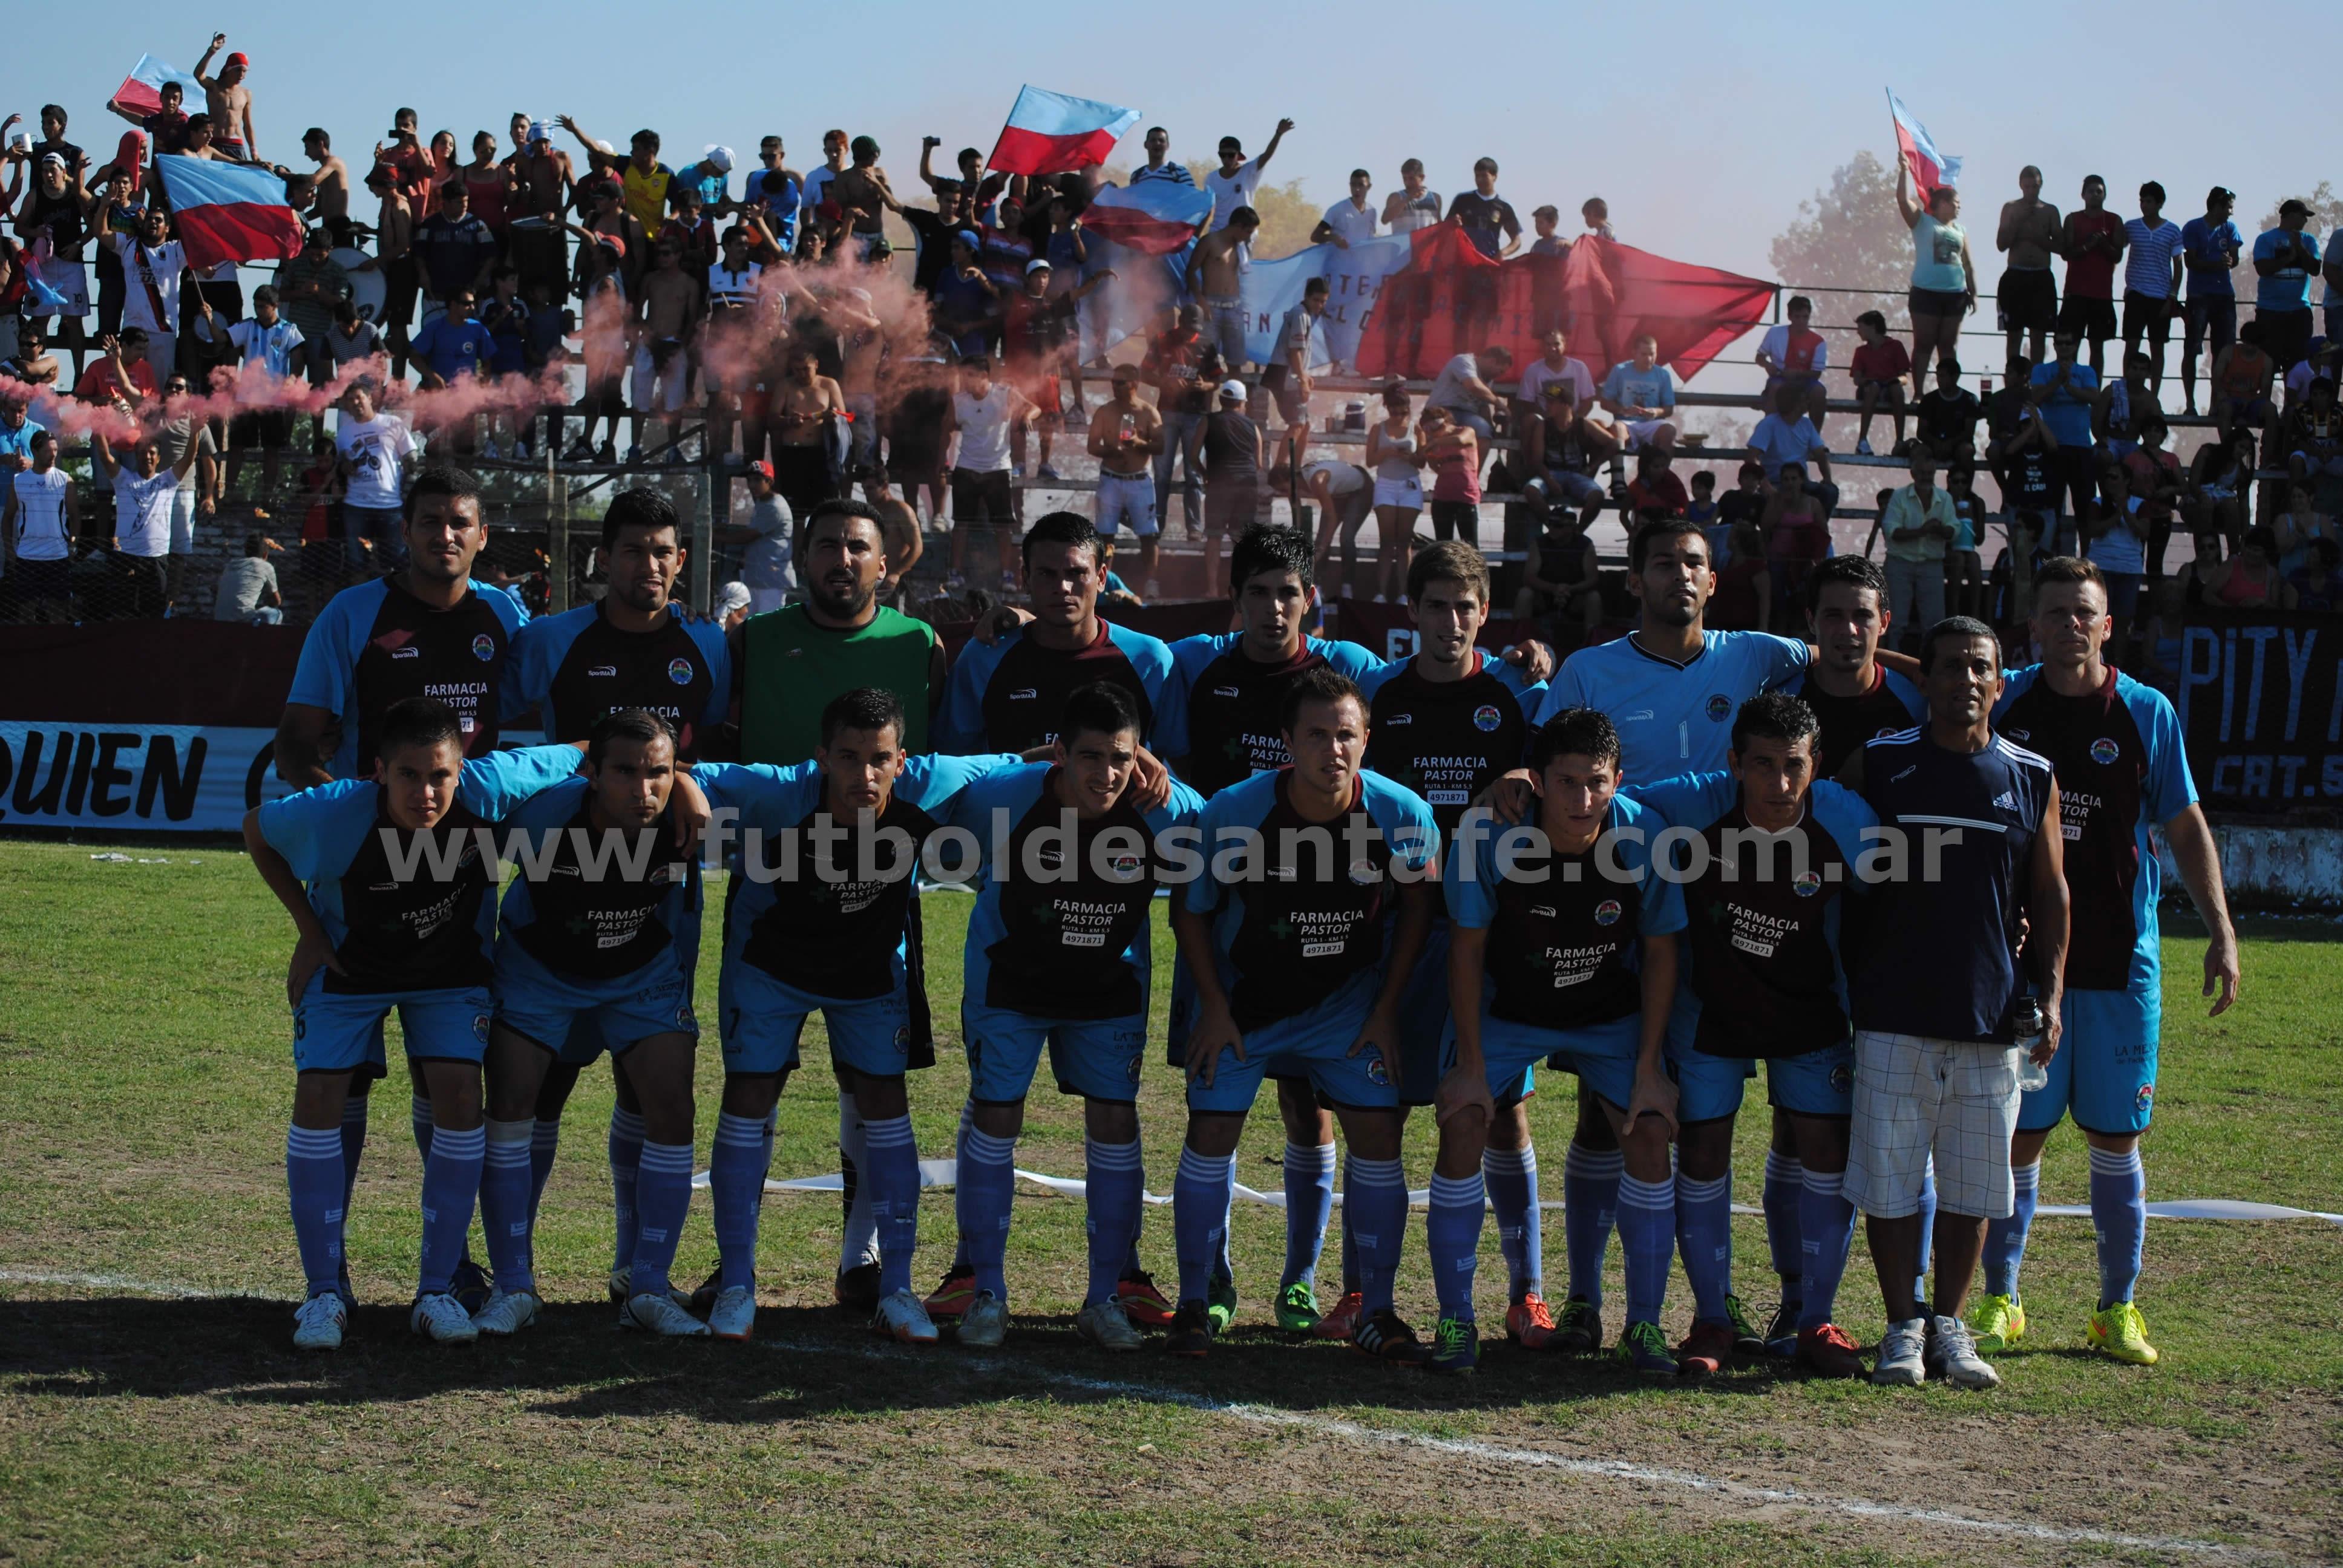 El Cadi luego de igualar sin goles ante Independiente, se quedó con el ascenso desde el punto penal. Foto: Julián Andrés Monzón